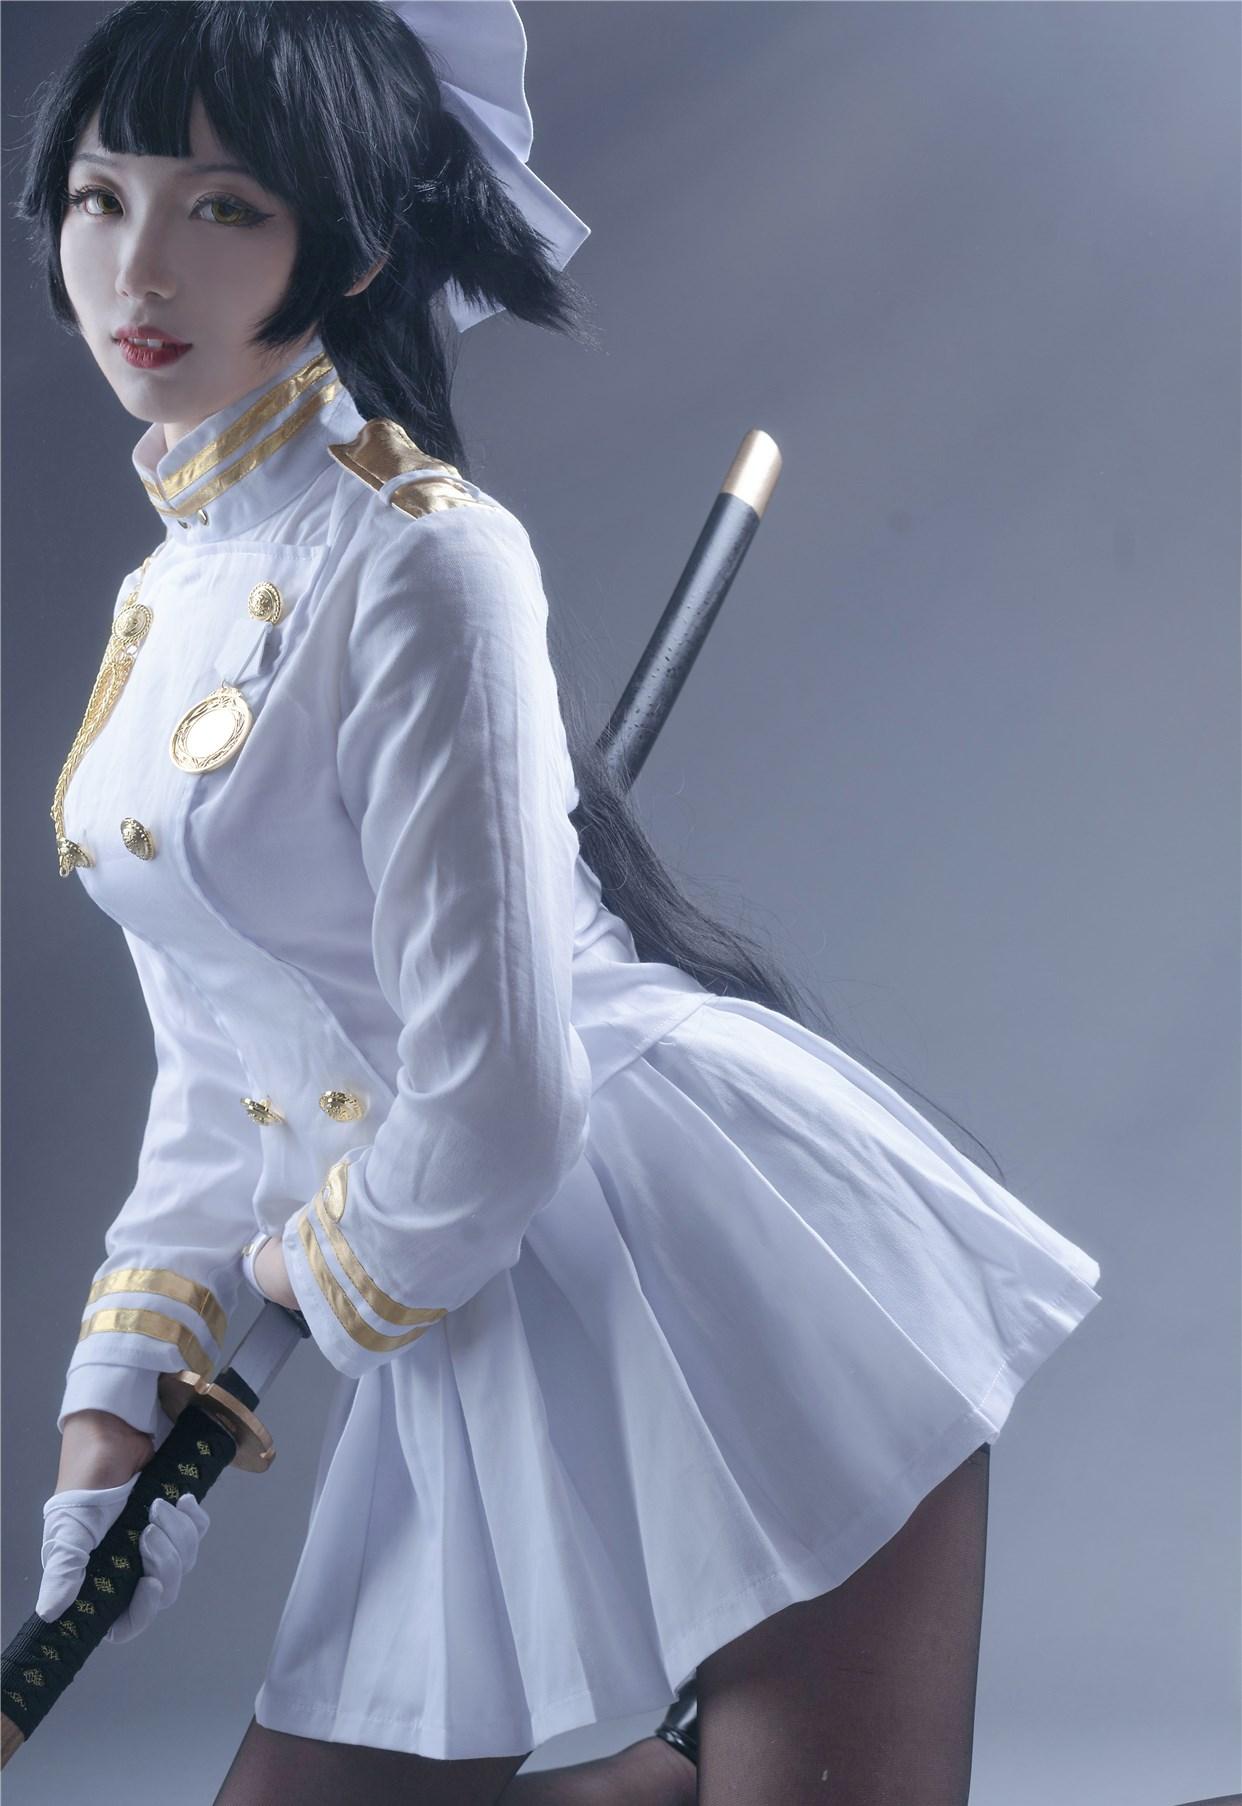 【兔玩映画】碧蓝航线 高雄 獒 兔玩映画 第7张